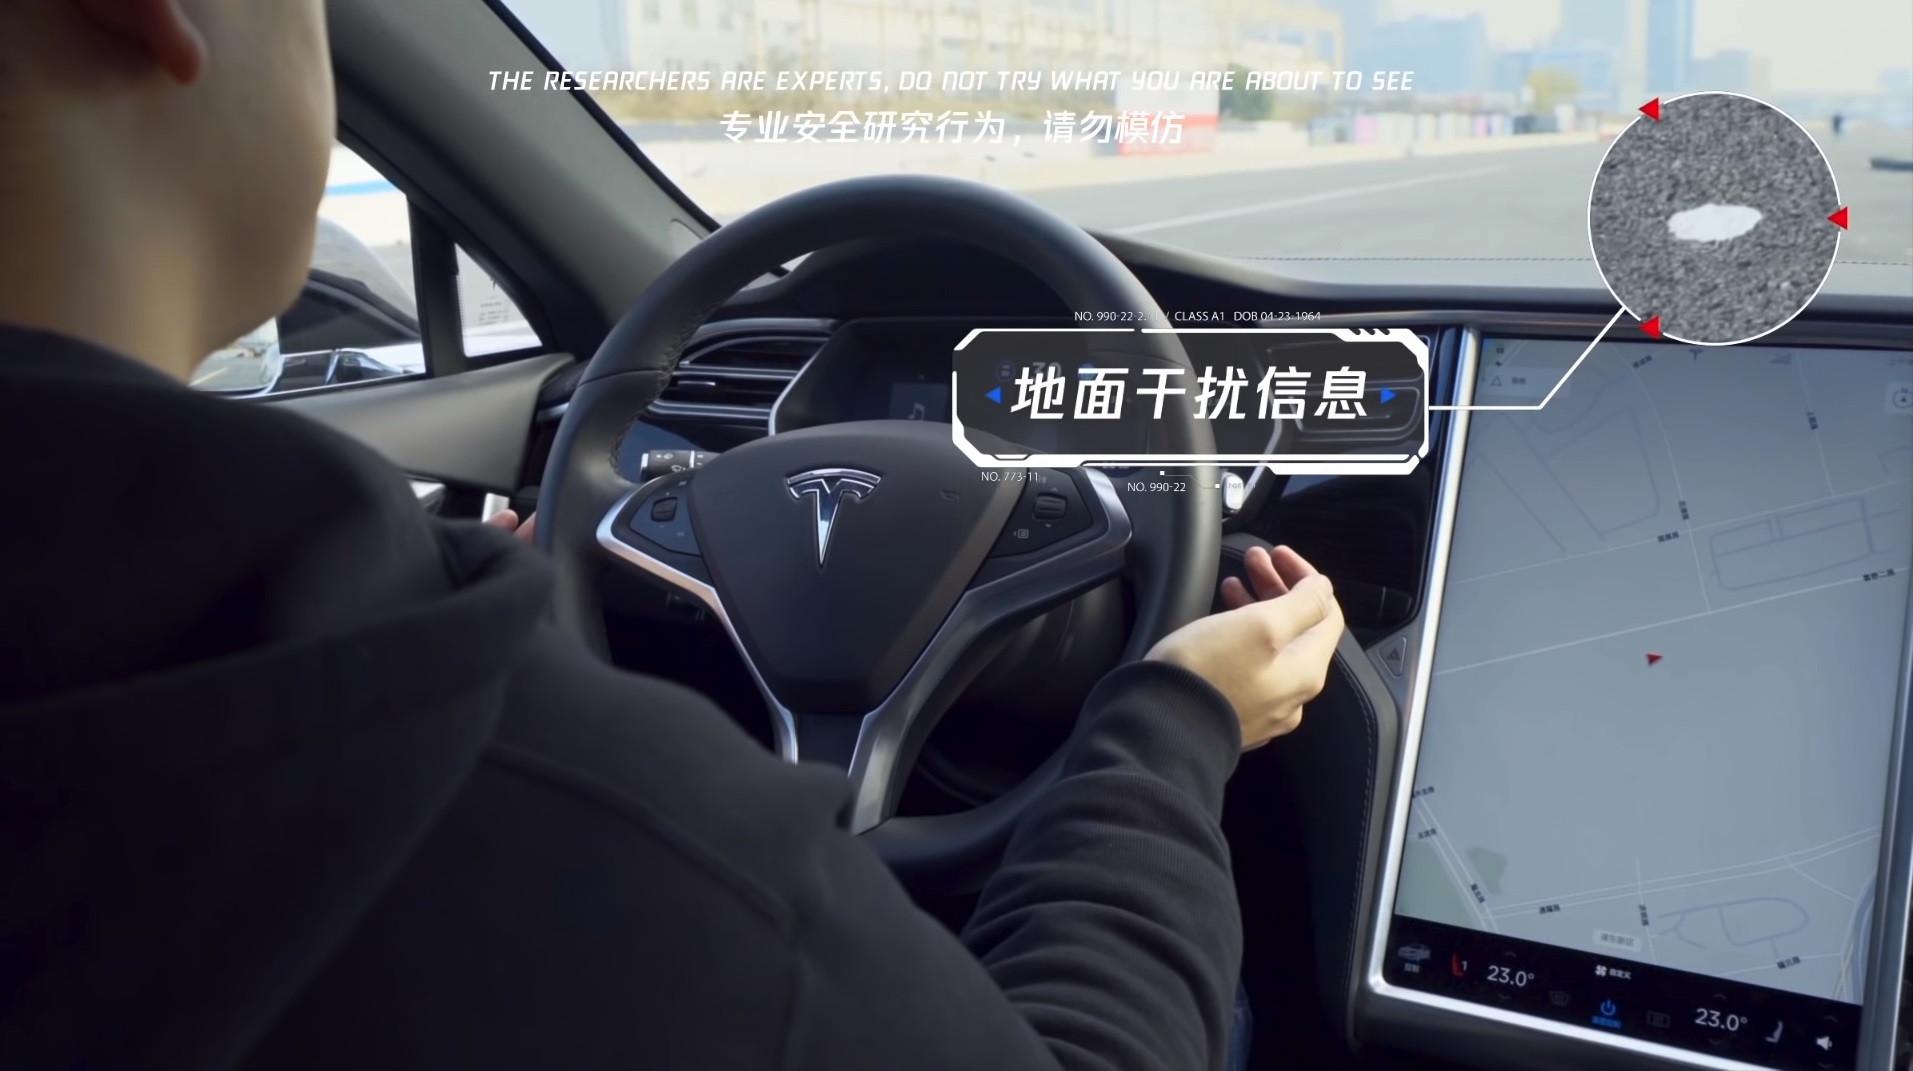 Autocolantes são tudo o que precisa para enganar o Autopilot da Tesla